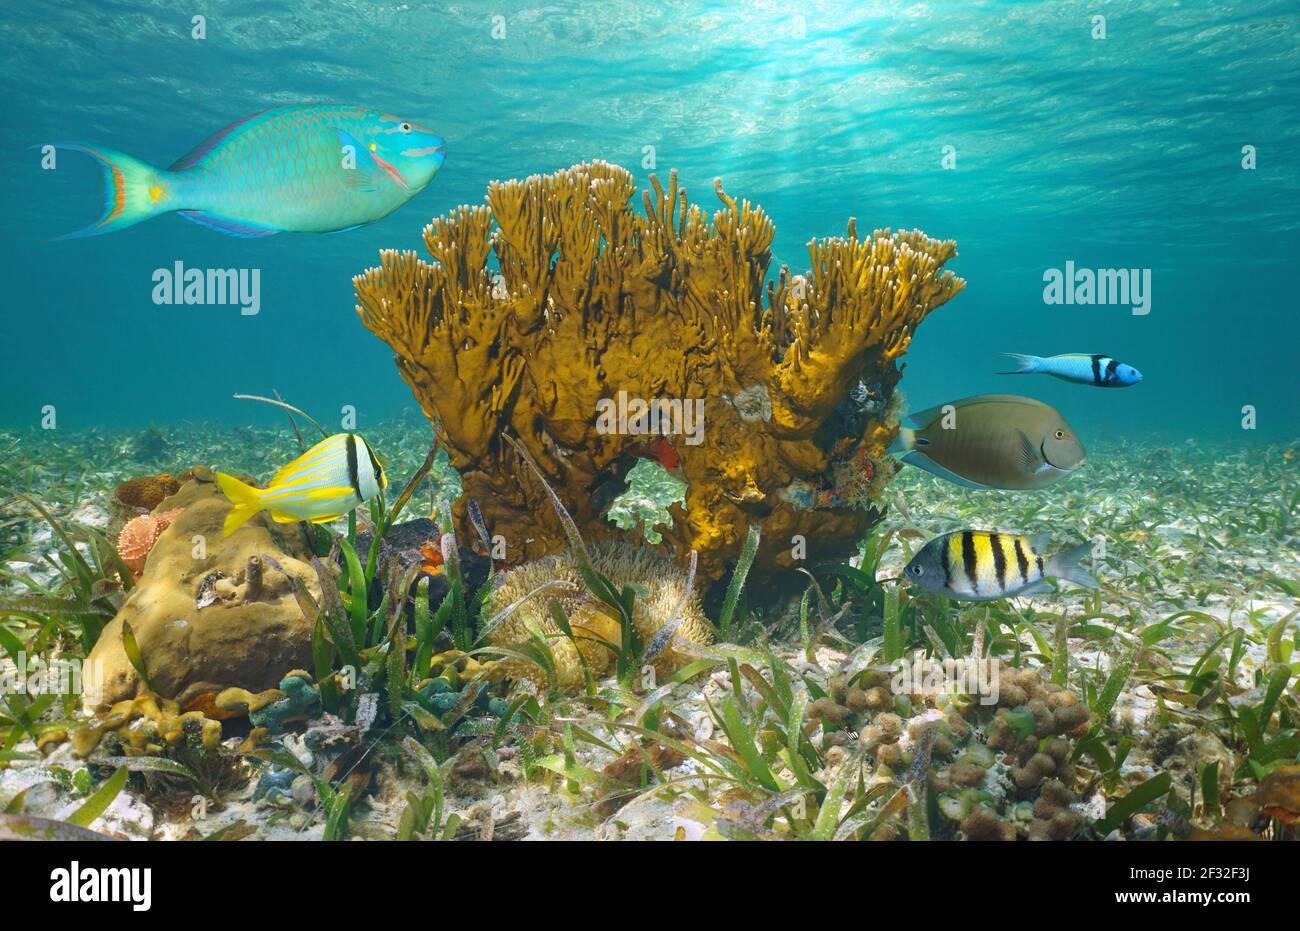 Vida marina en el océano, peces tropicales con coral fuego bajo el agua, Bahamas Foto de stock